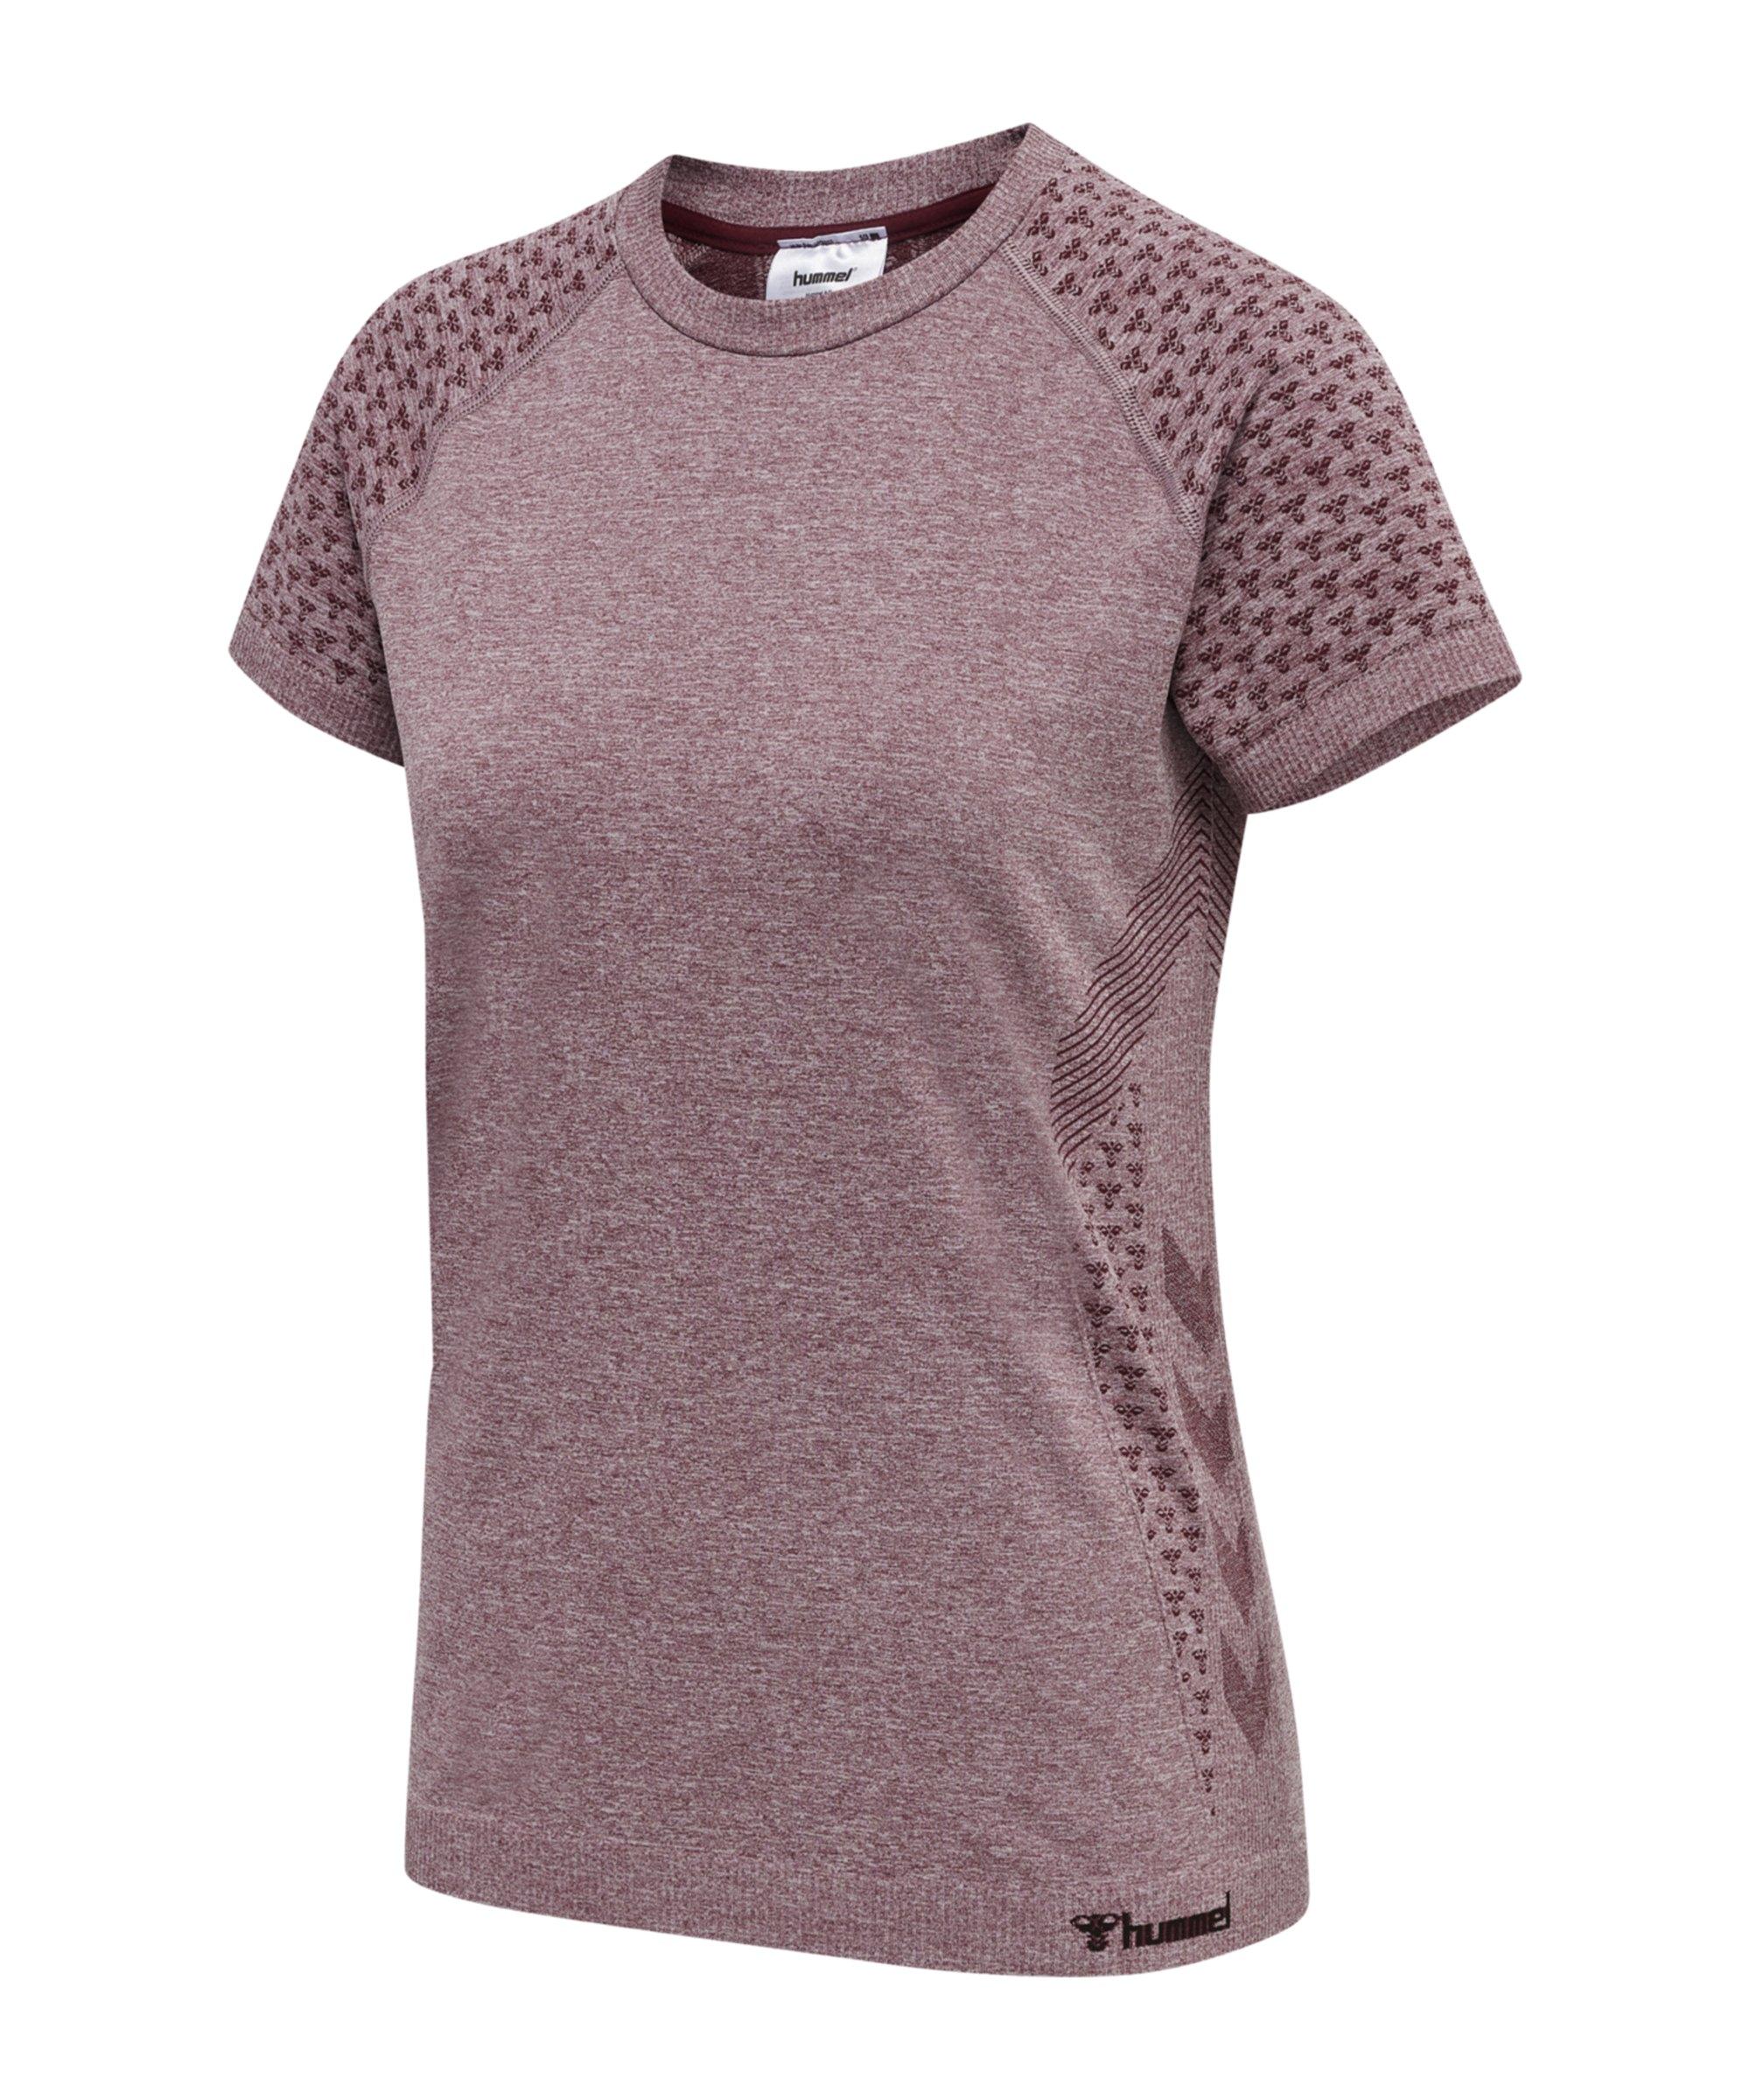 Hummel hmlci Seamless T-Shirt Damen F4770 - rosa